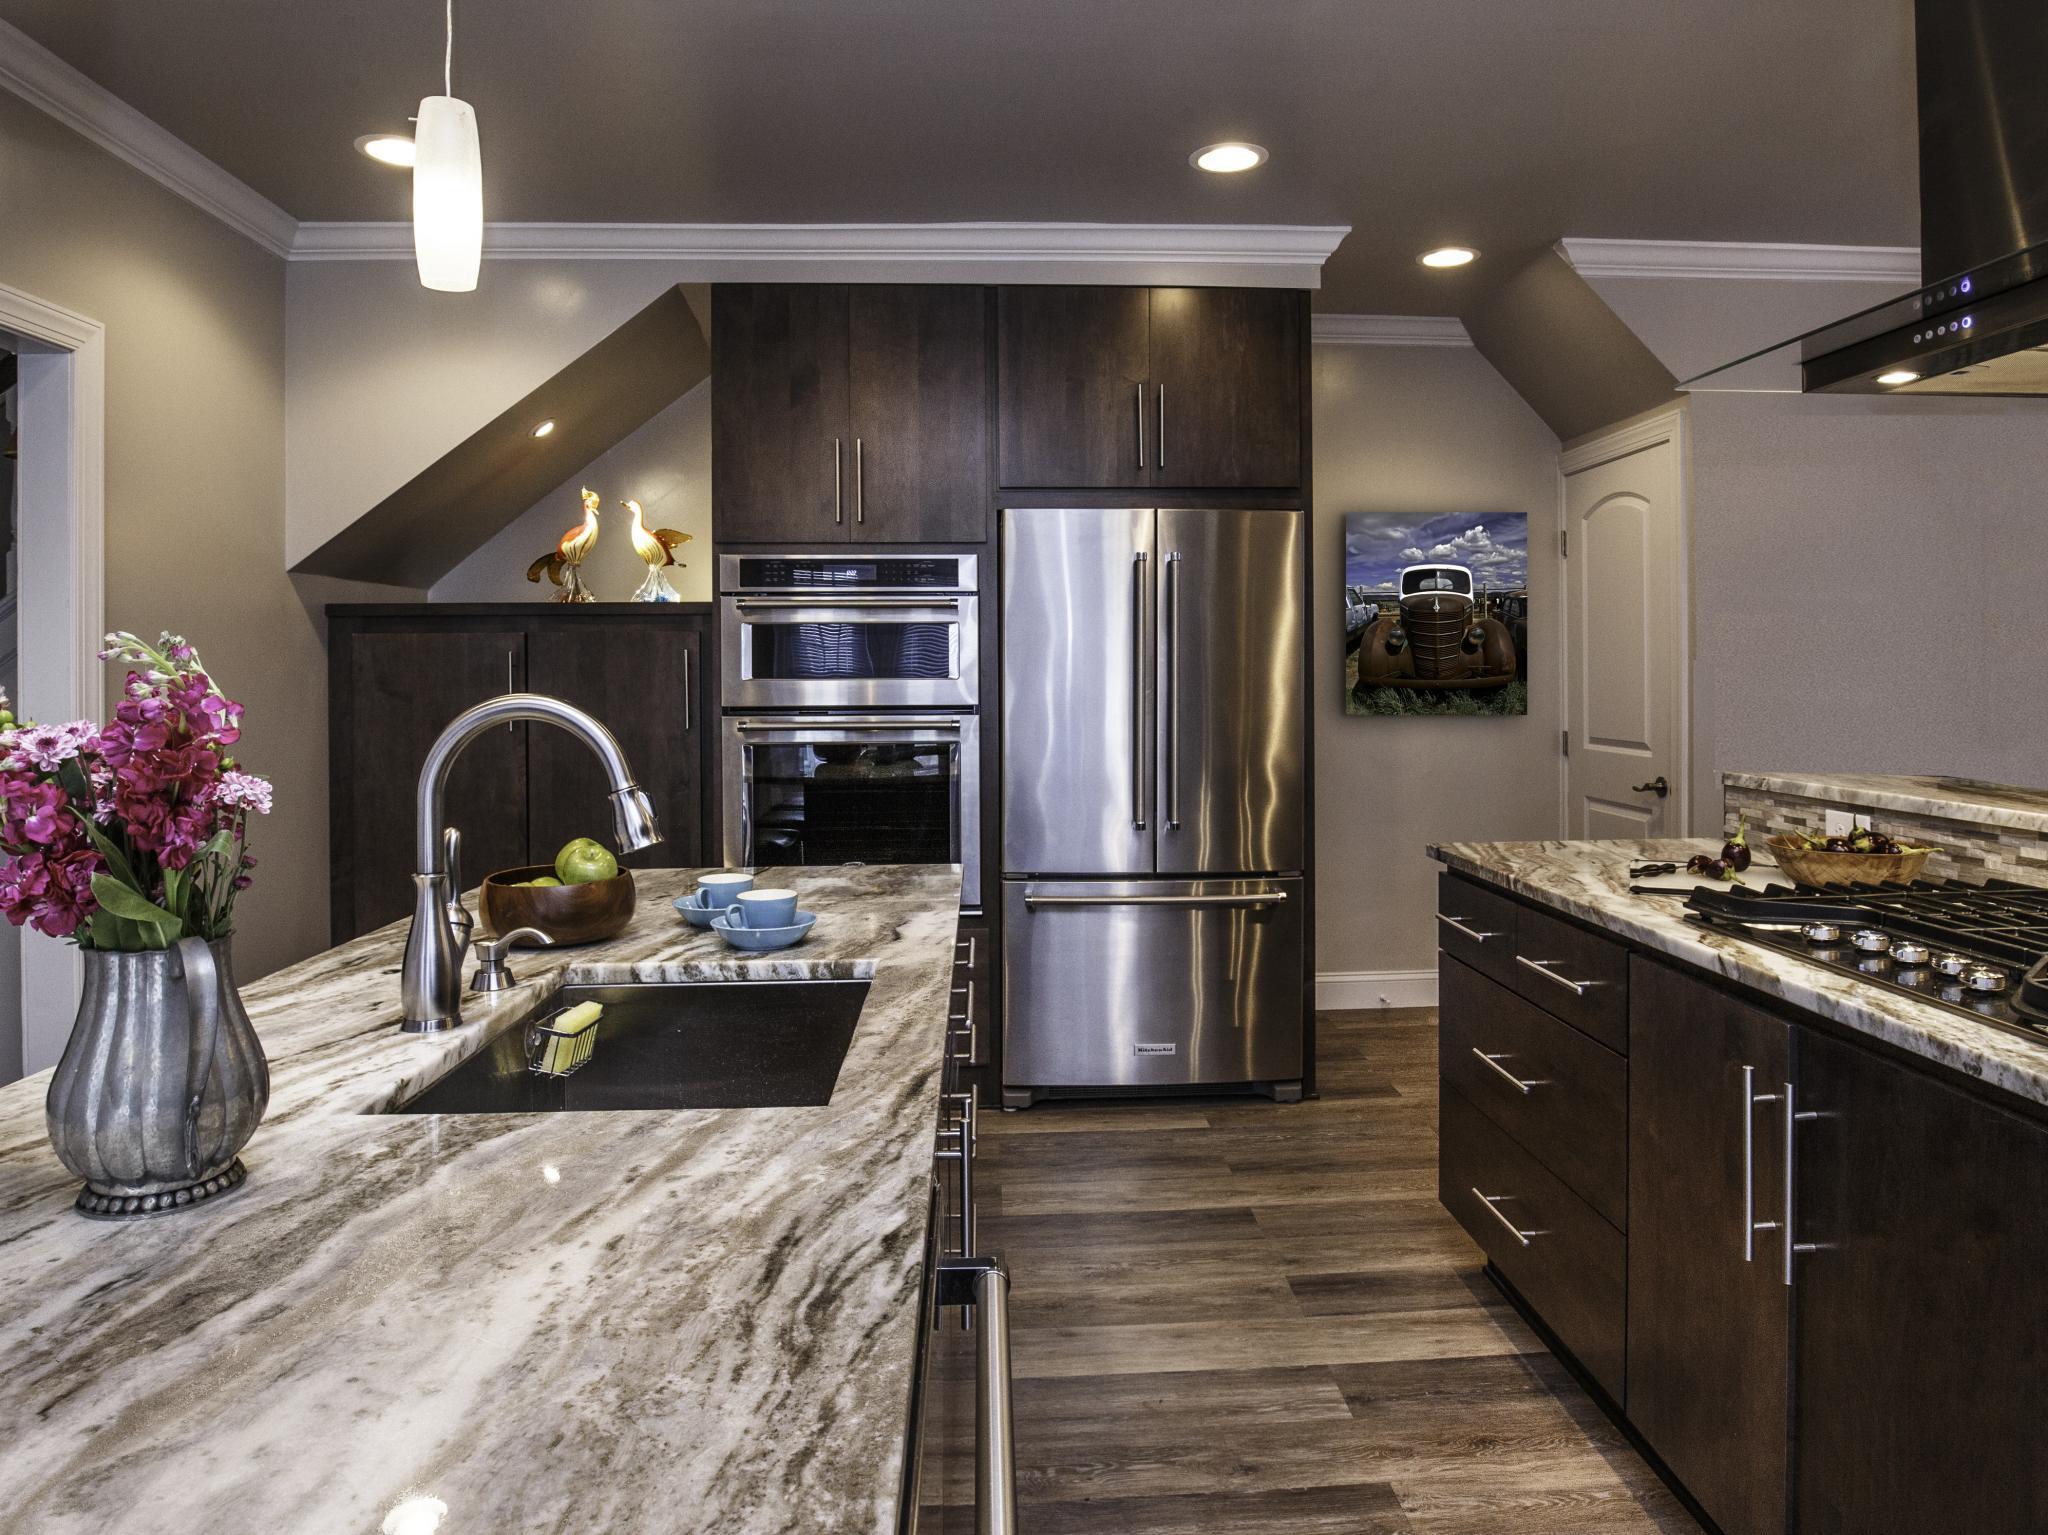 Няколко идеи за подредба на кухнята